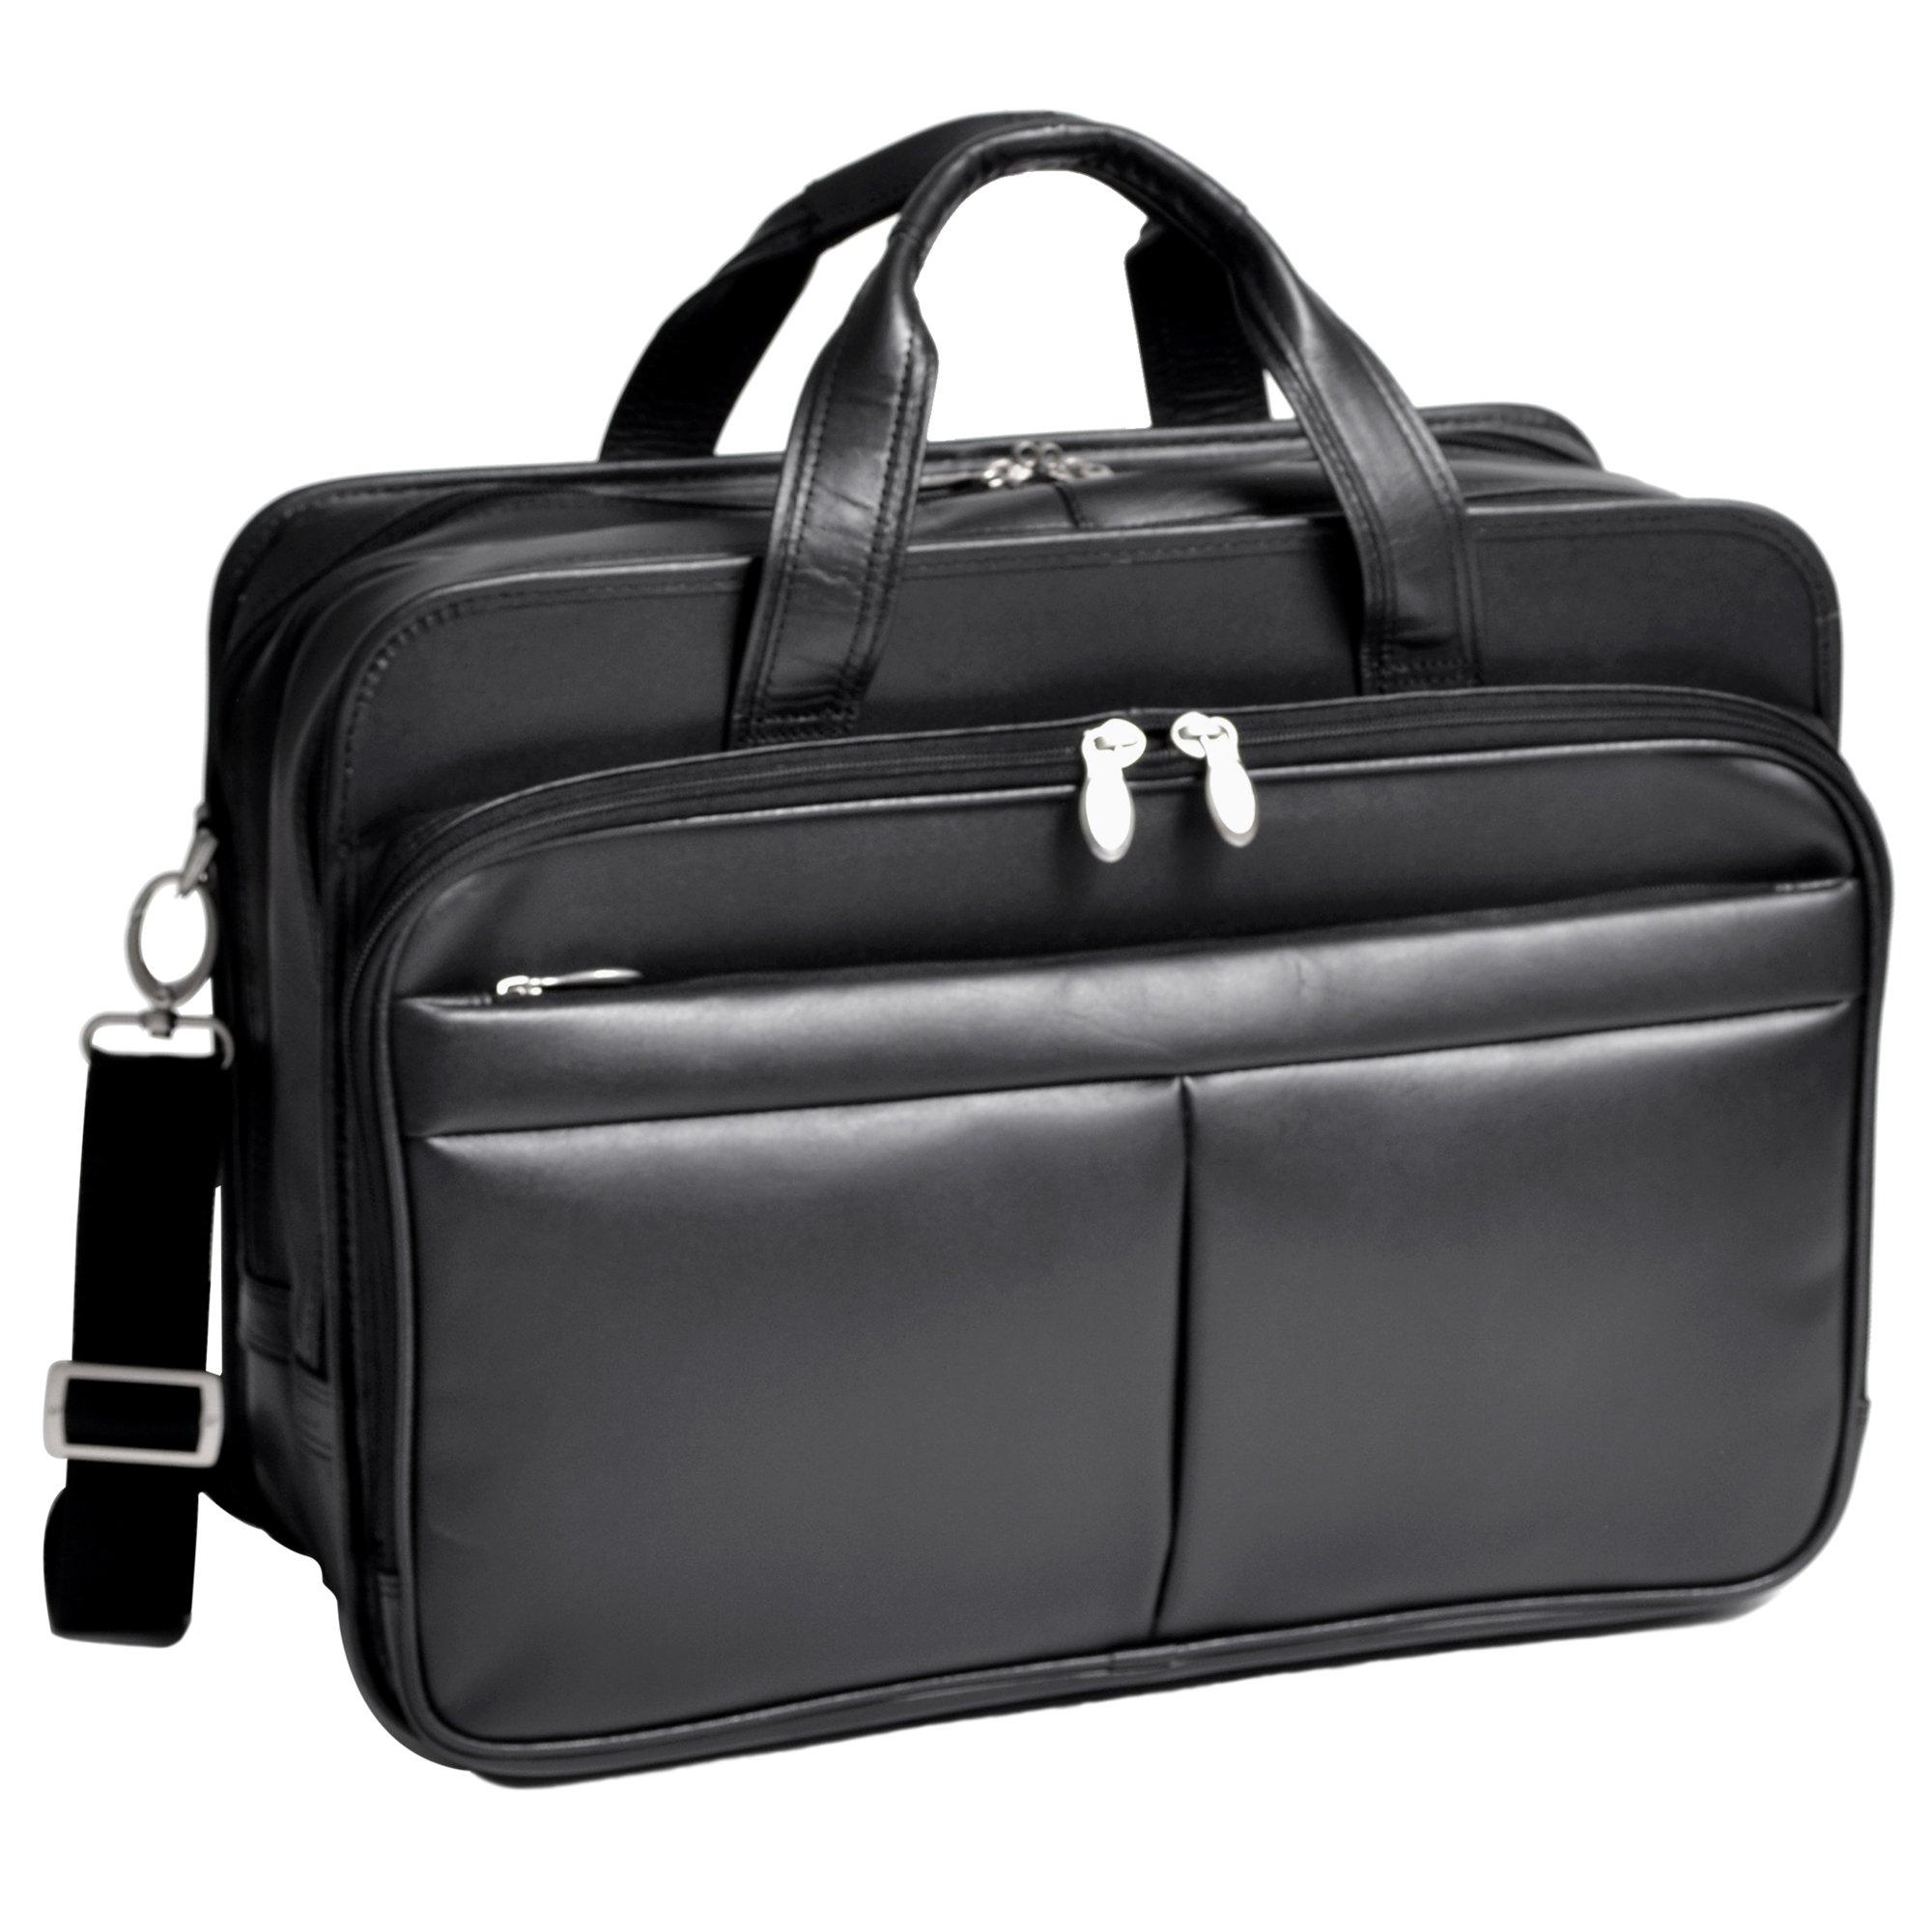 McKleinUSA WALTON 83985 Black Expandable Double Compartment Laptop Case w/ Removable Sleeve by McKleinUSA